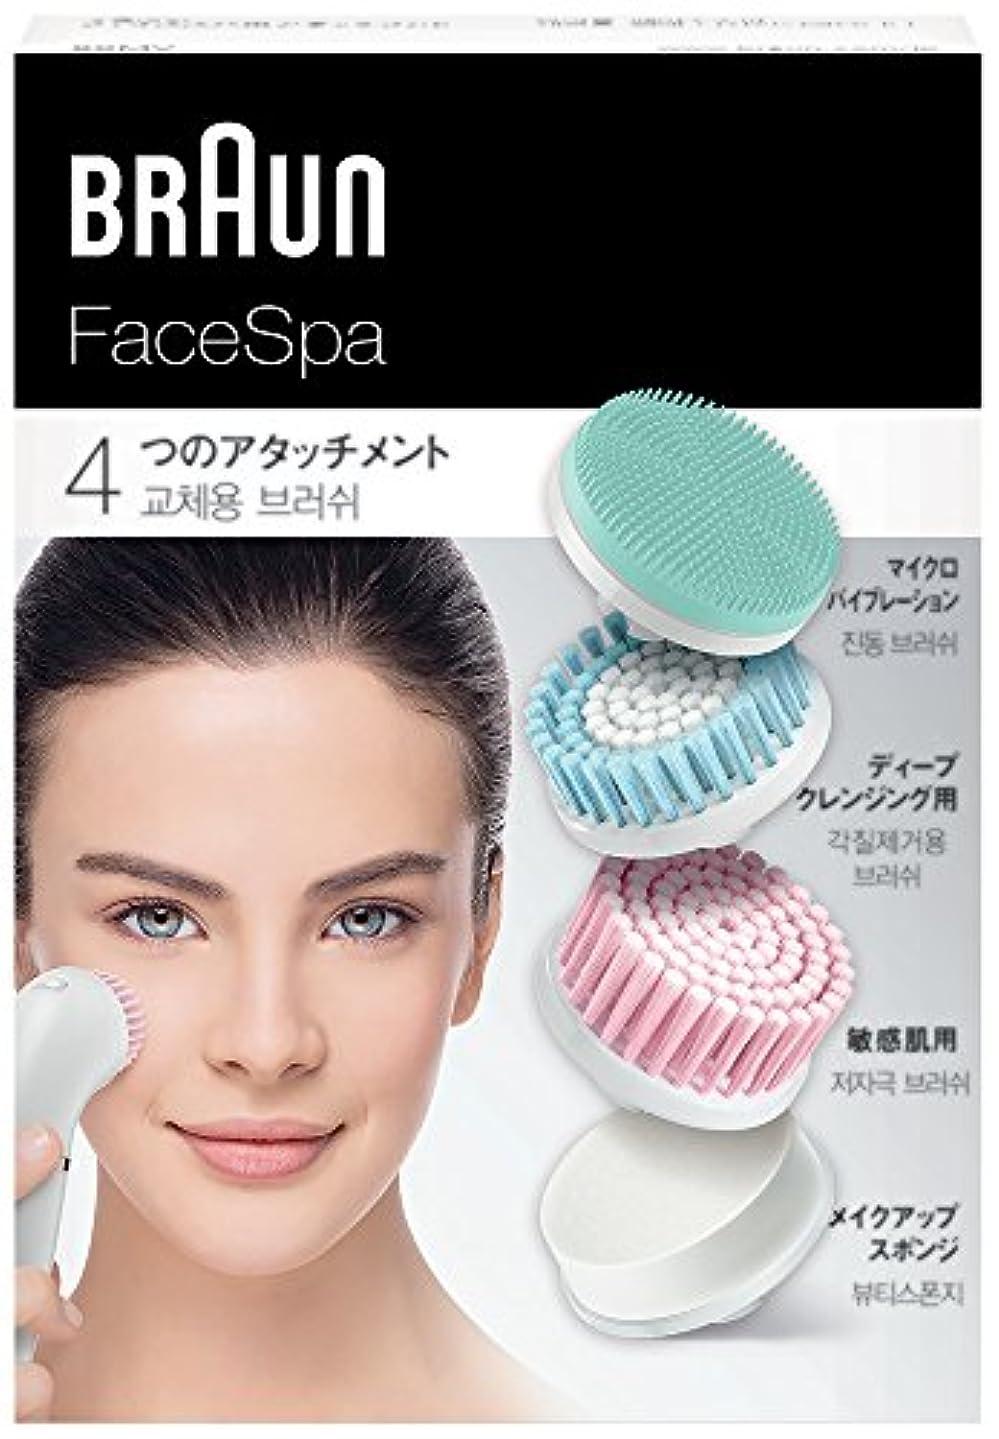 ブラウン 洗顔ブラシ 顔用脱毛器(ブラウンフェイス)用 4種詰め合わせ 80-MV